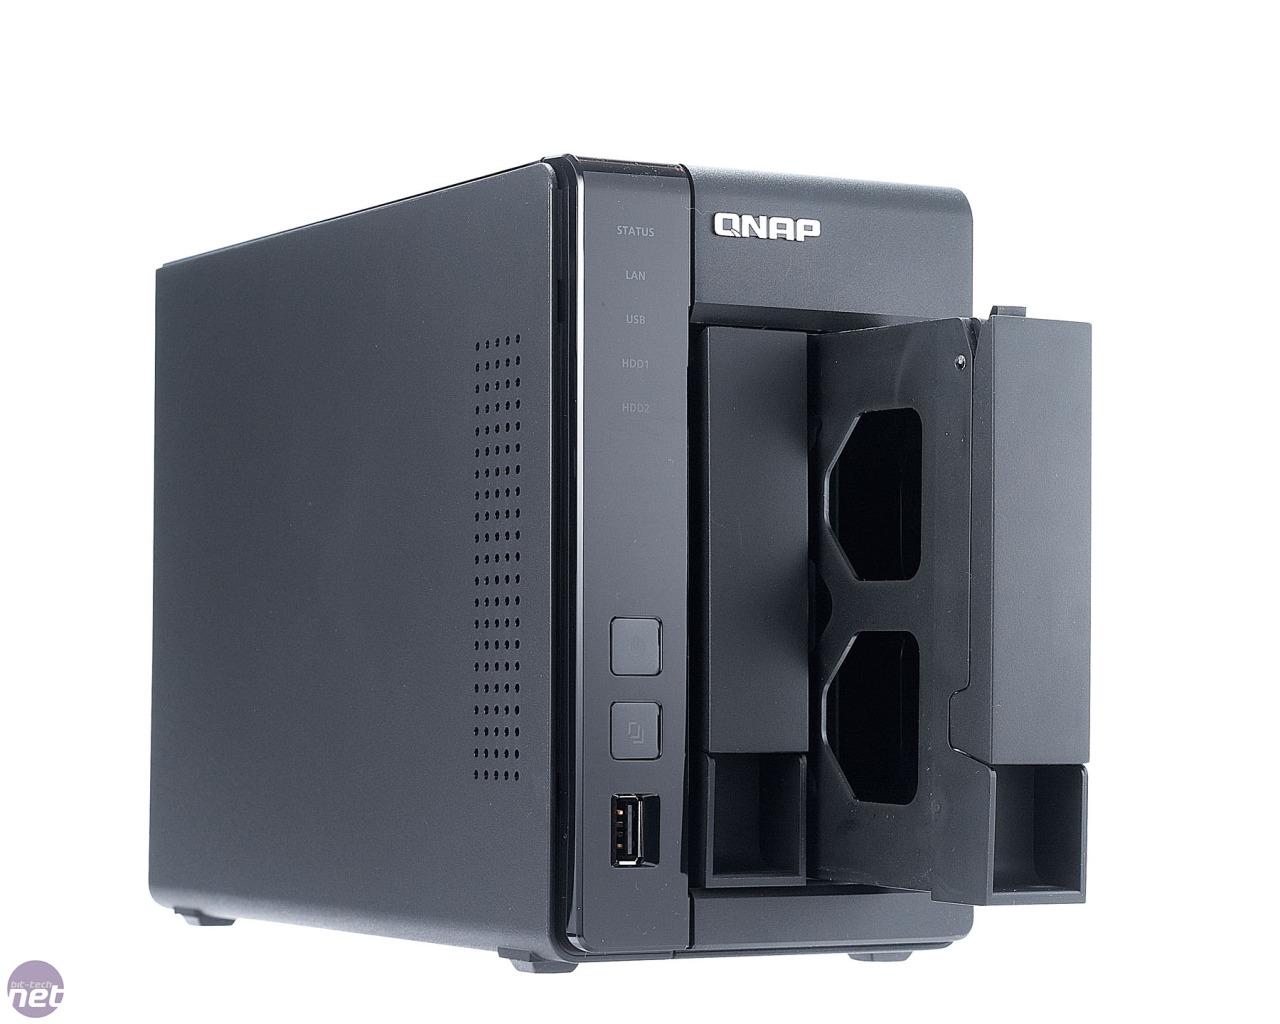 QNAP TS-219P II Turbo NAS Review | bit-tech net